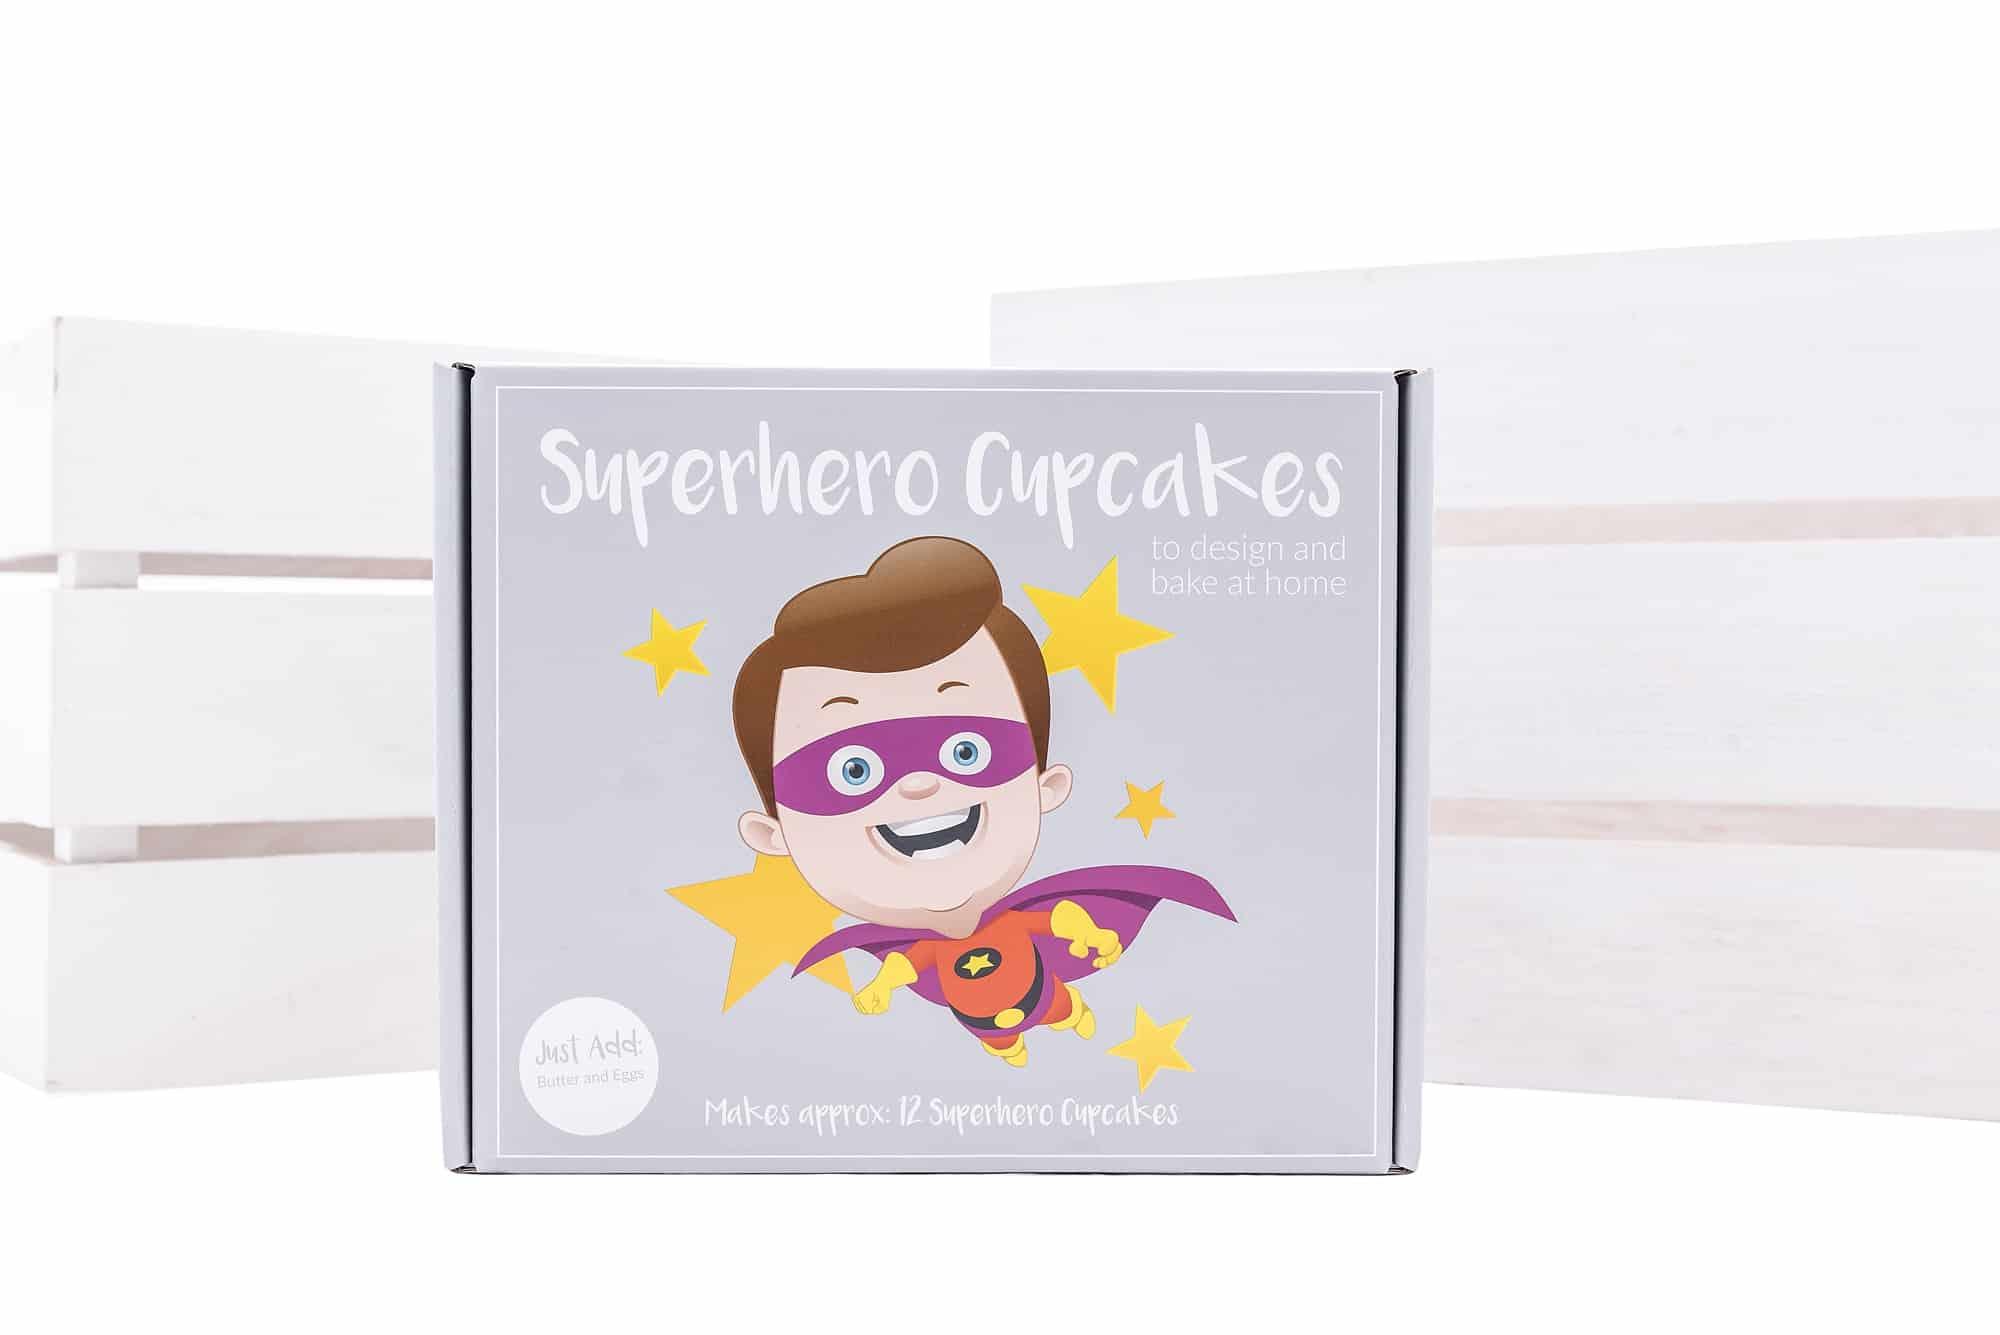 www.blossombakery.co.uk products i have photographed - superhero cake bake box